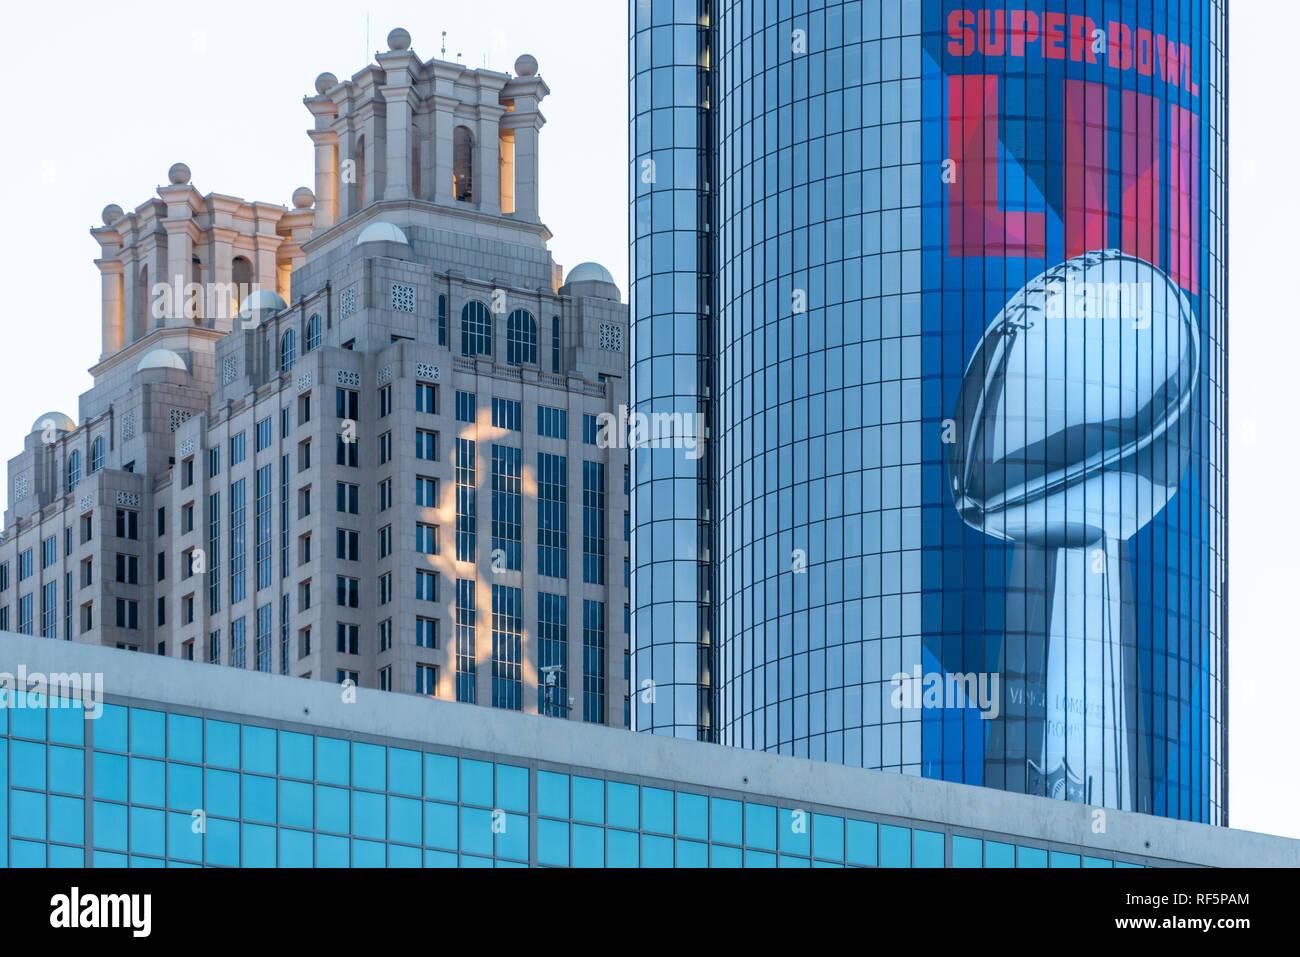 Super Bowl LIII Grafiken schmücken die ikonischen Weston Peachtree Plaza Tower in der Innenstadt von Atlanta, Georgia vor dem Super Bowl 2019. (USA) Stockbild